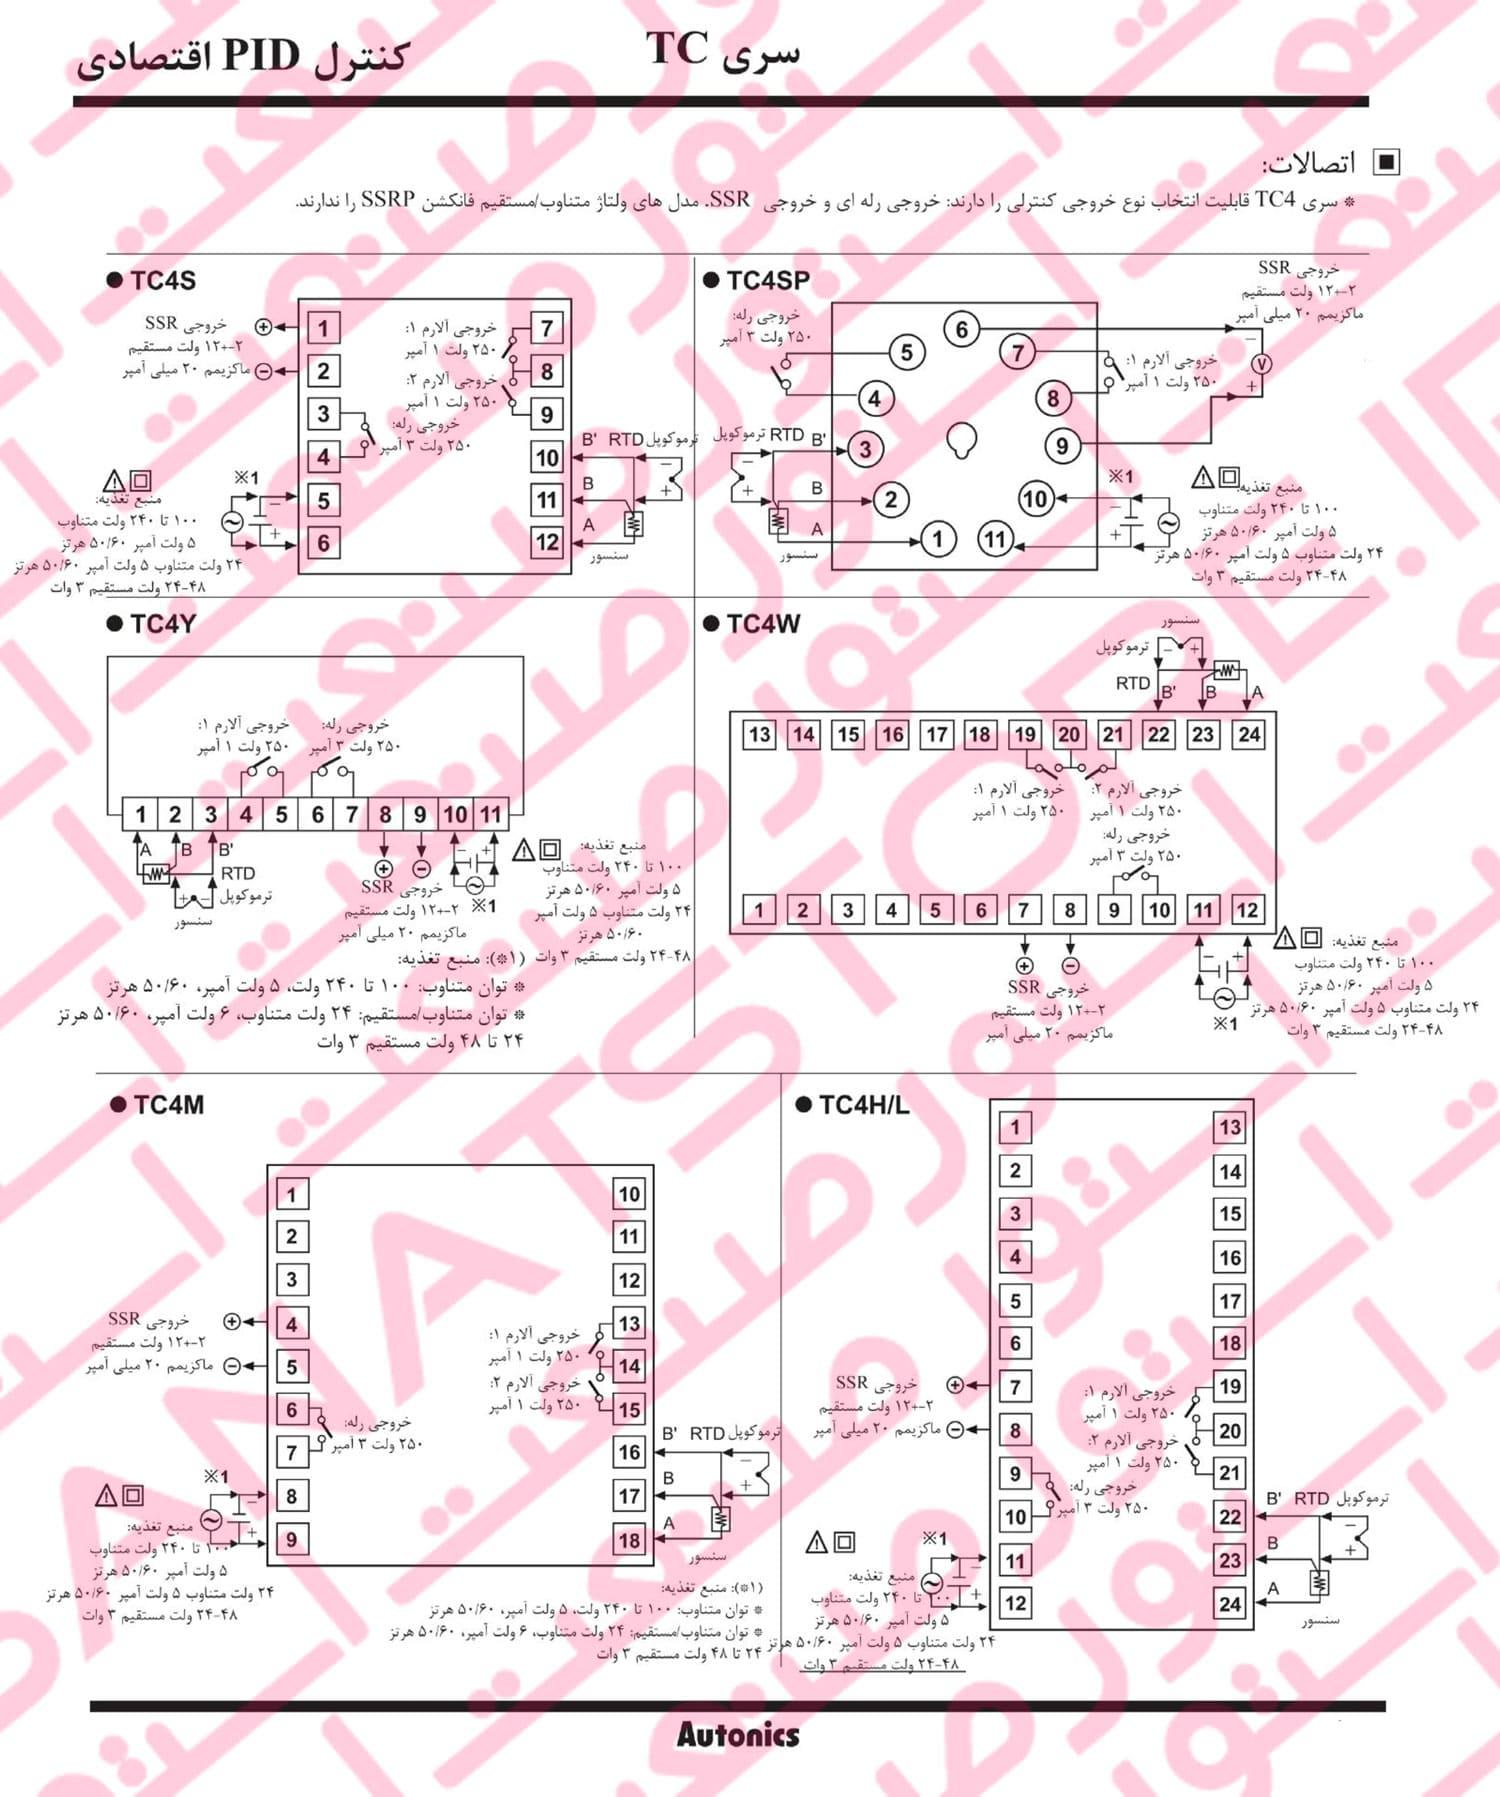 راهنمای نصب کنترلر های دما آتونیکس Autonics سری TC